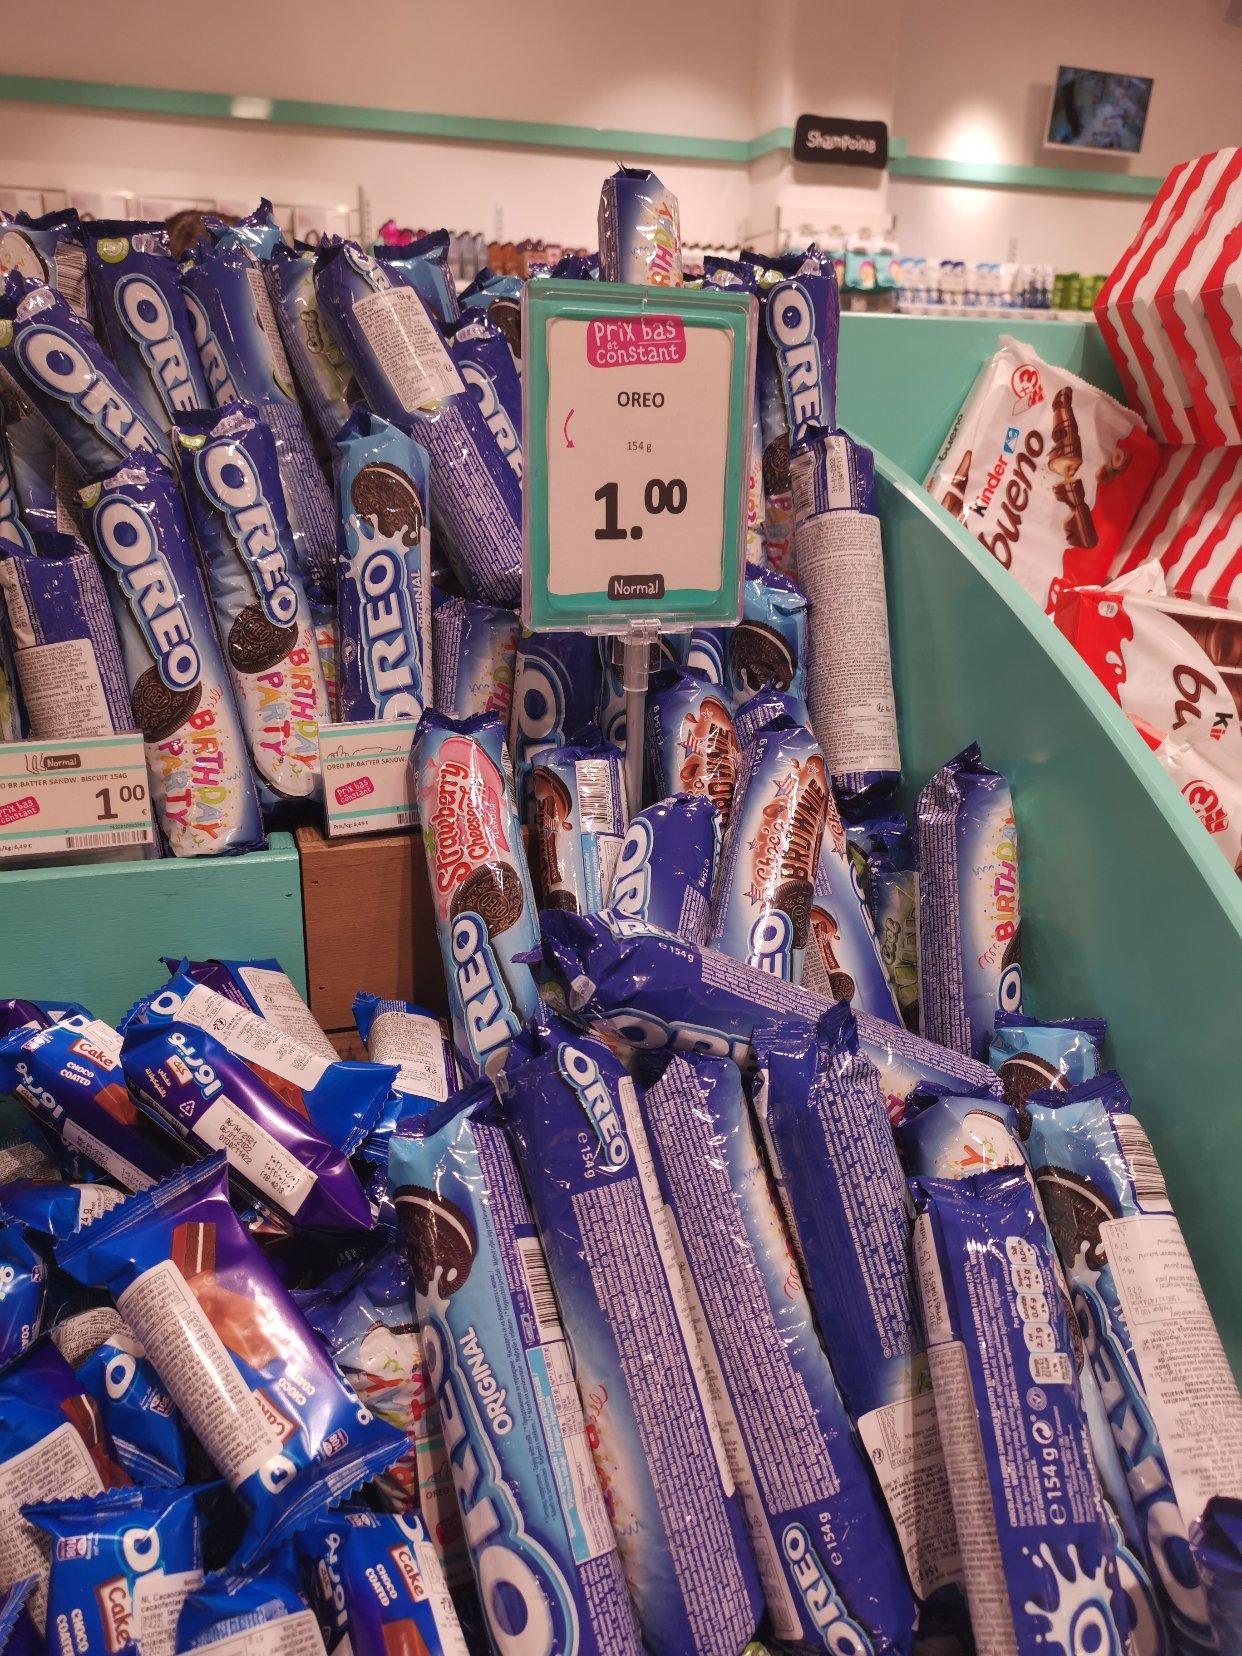 【Normal】欧洲平价超市三大宝之一